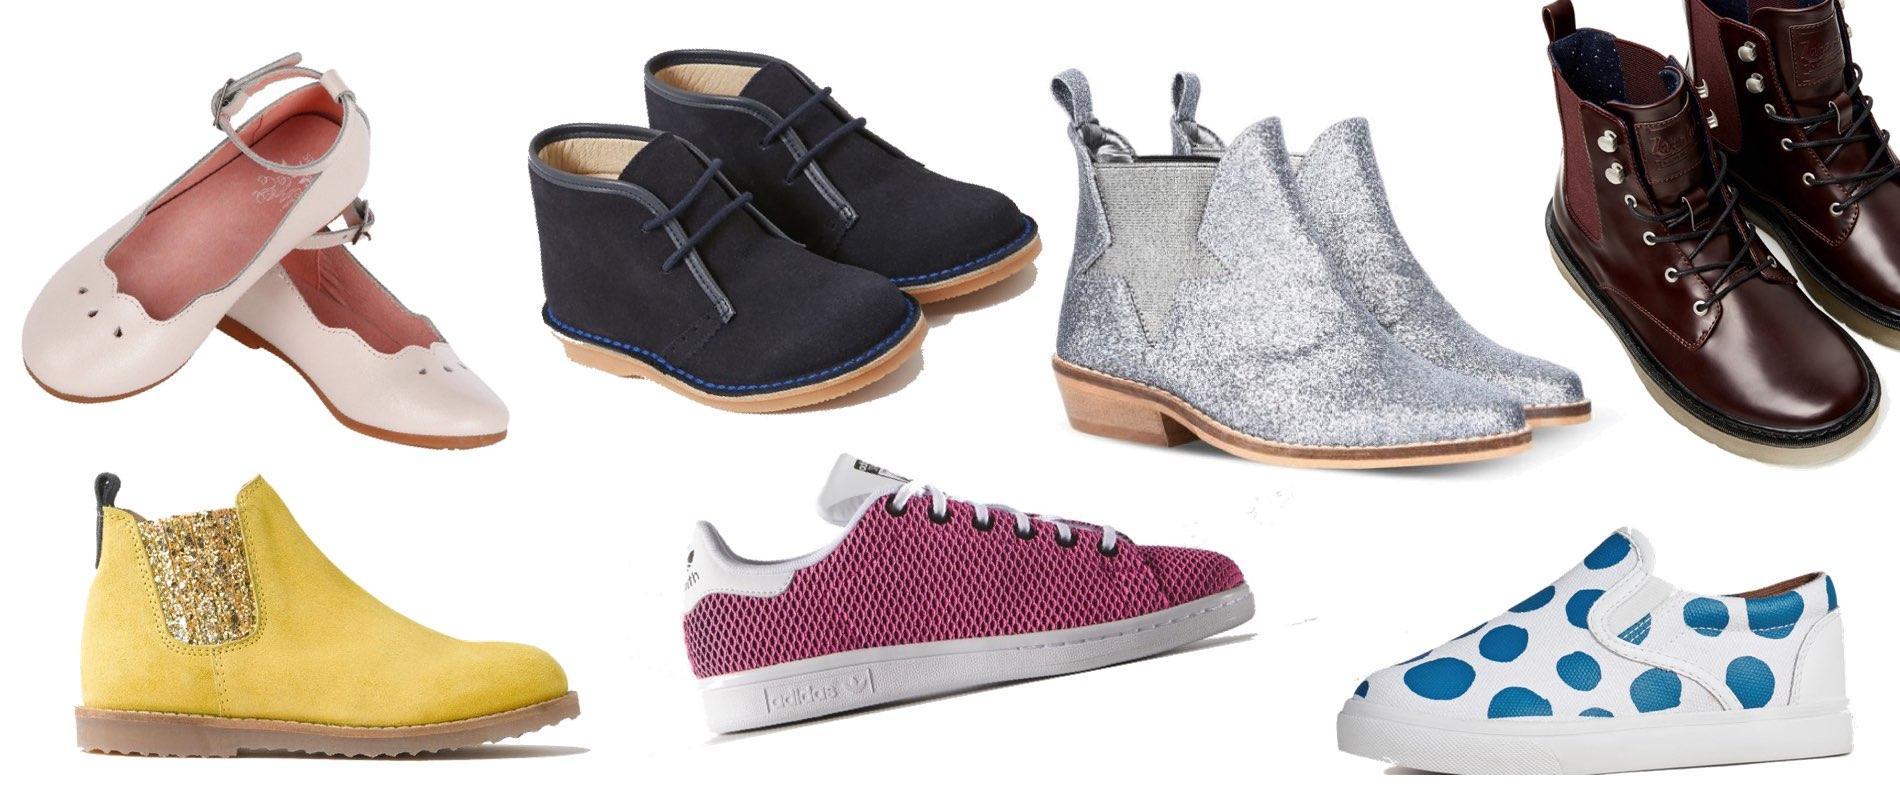 c6a1e9223619f Chaussures d enfants stylées pour une rentrée très mode - Madame Figaro